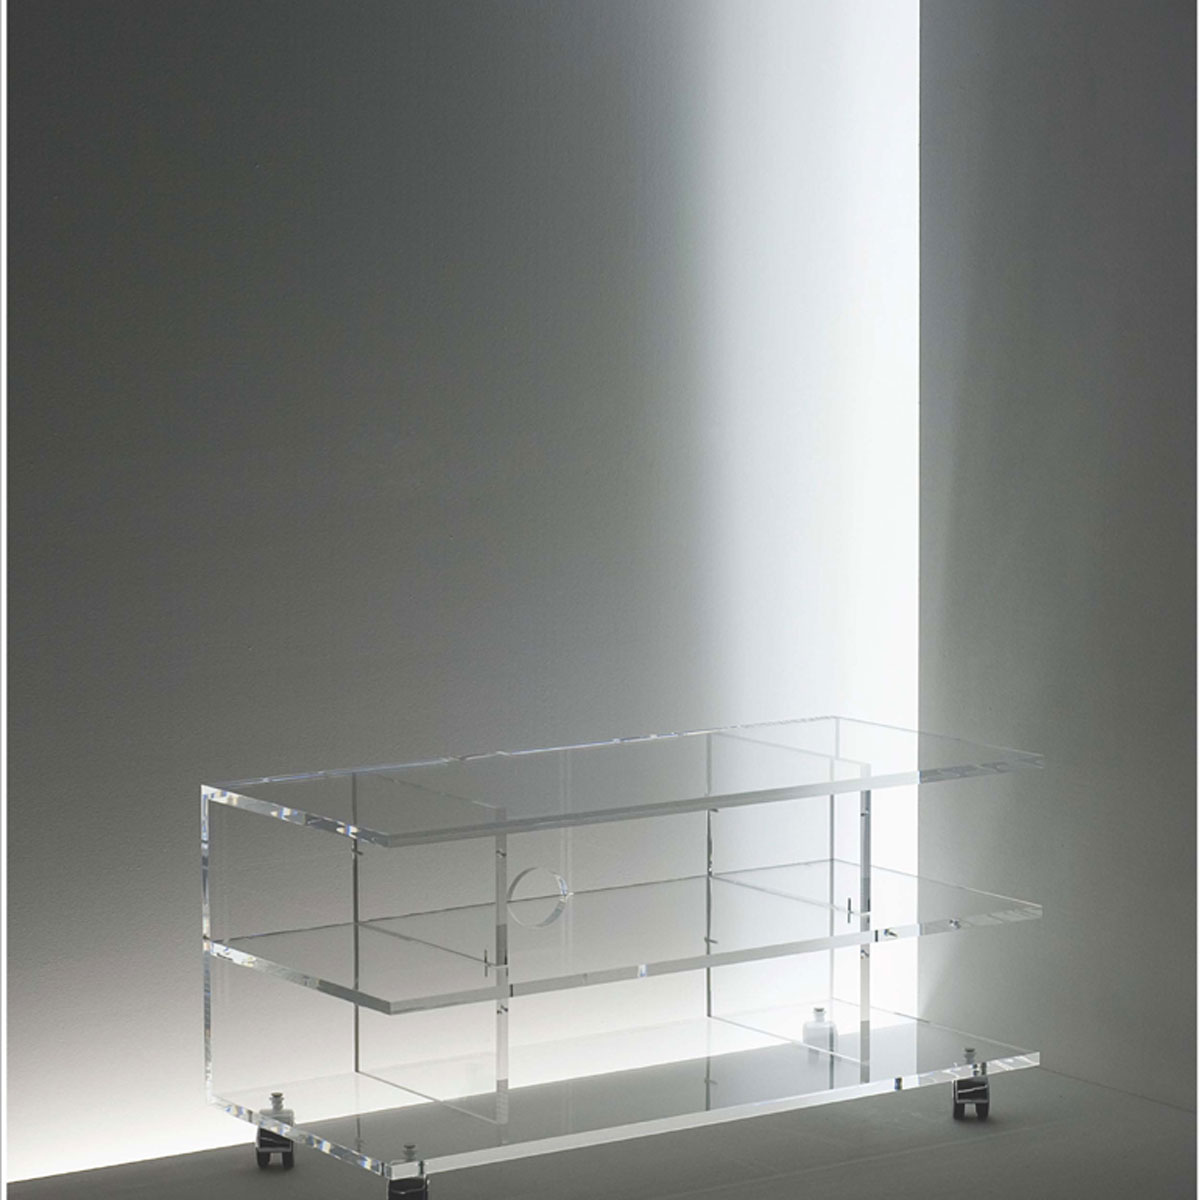 Rollbares Hifi TV Möbel aus Acryl. Mit 3 Fachböden und Kabelöffnung. Robust durch hohen Makrolonanteil. Stabil durch UV Verklebung. Fertigung nach Wunschmaß. Modell TV-R oofen von Acryl DE.